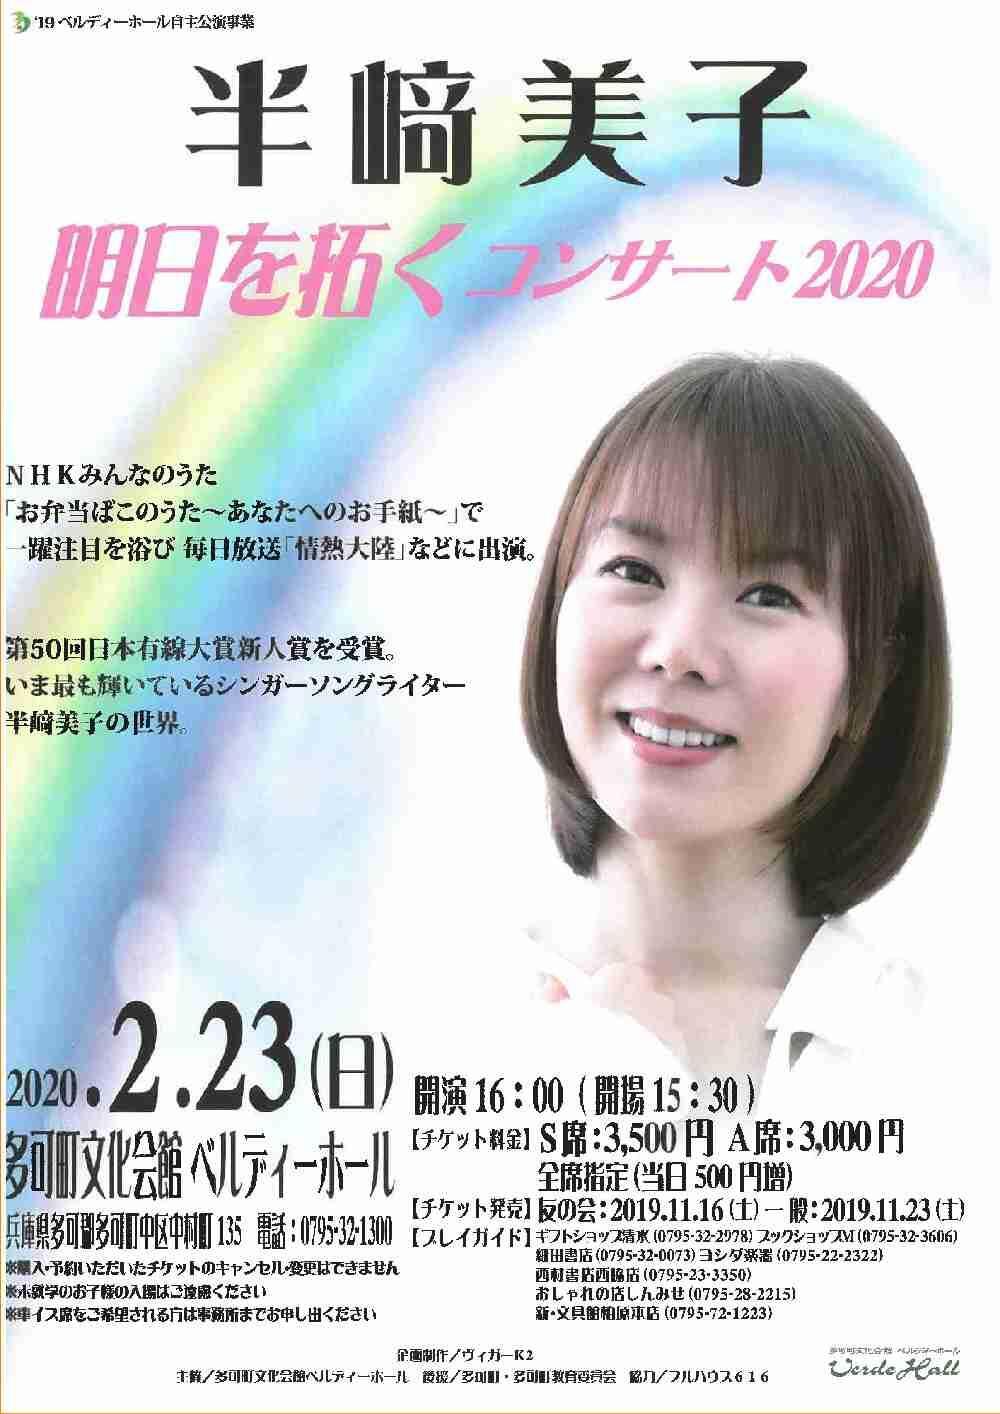 2/23 半崎美子明日を拓くコンサート2020:ベルディーホール